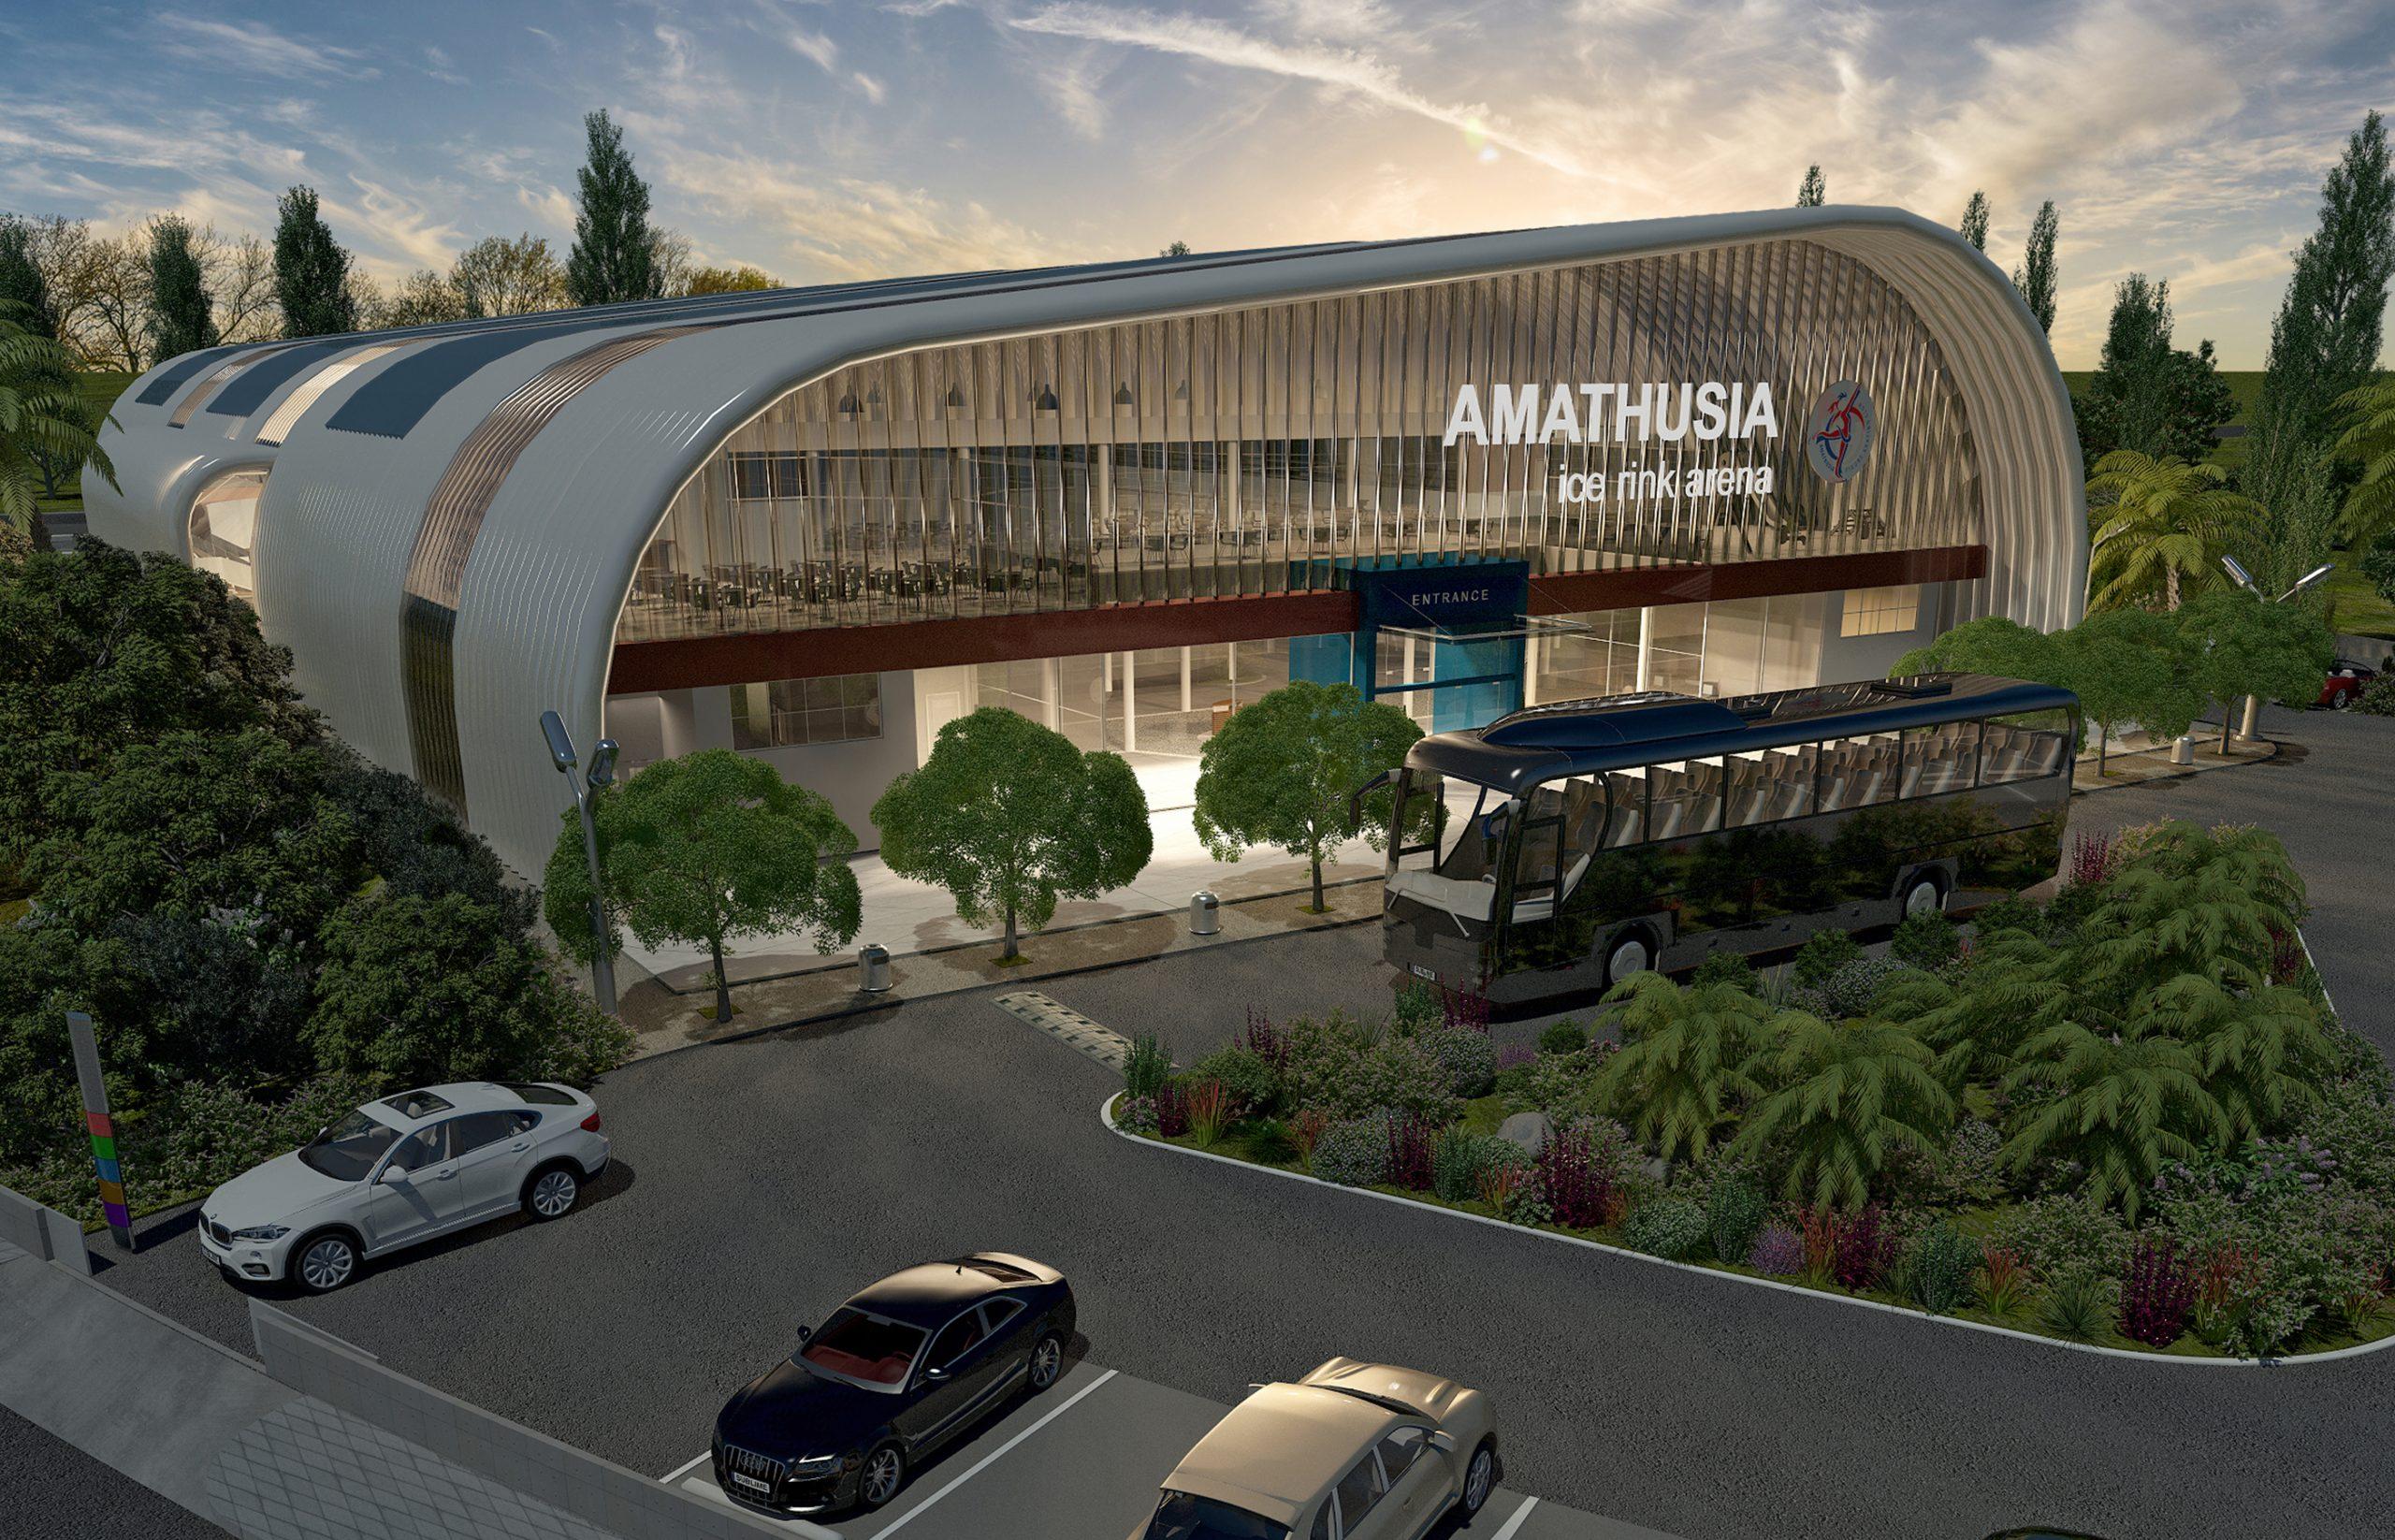 Amathusia 1